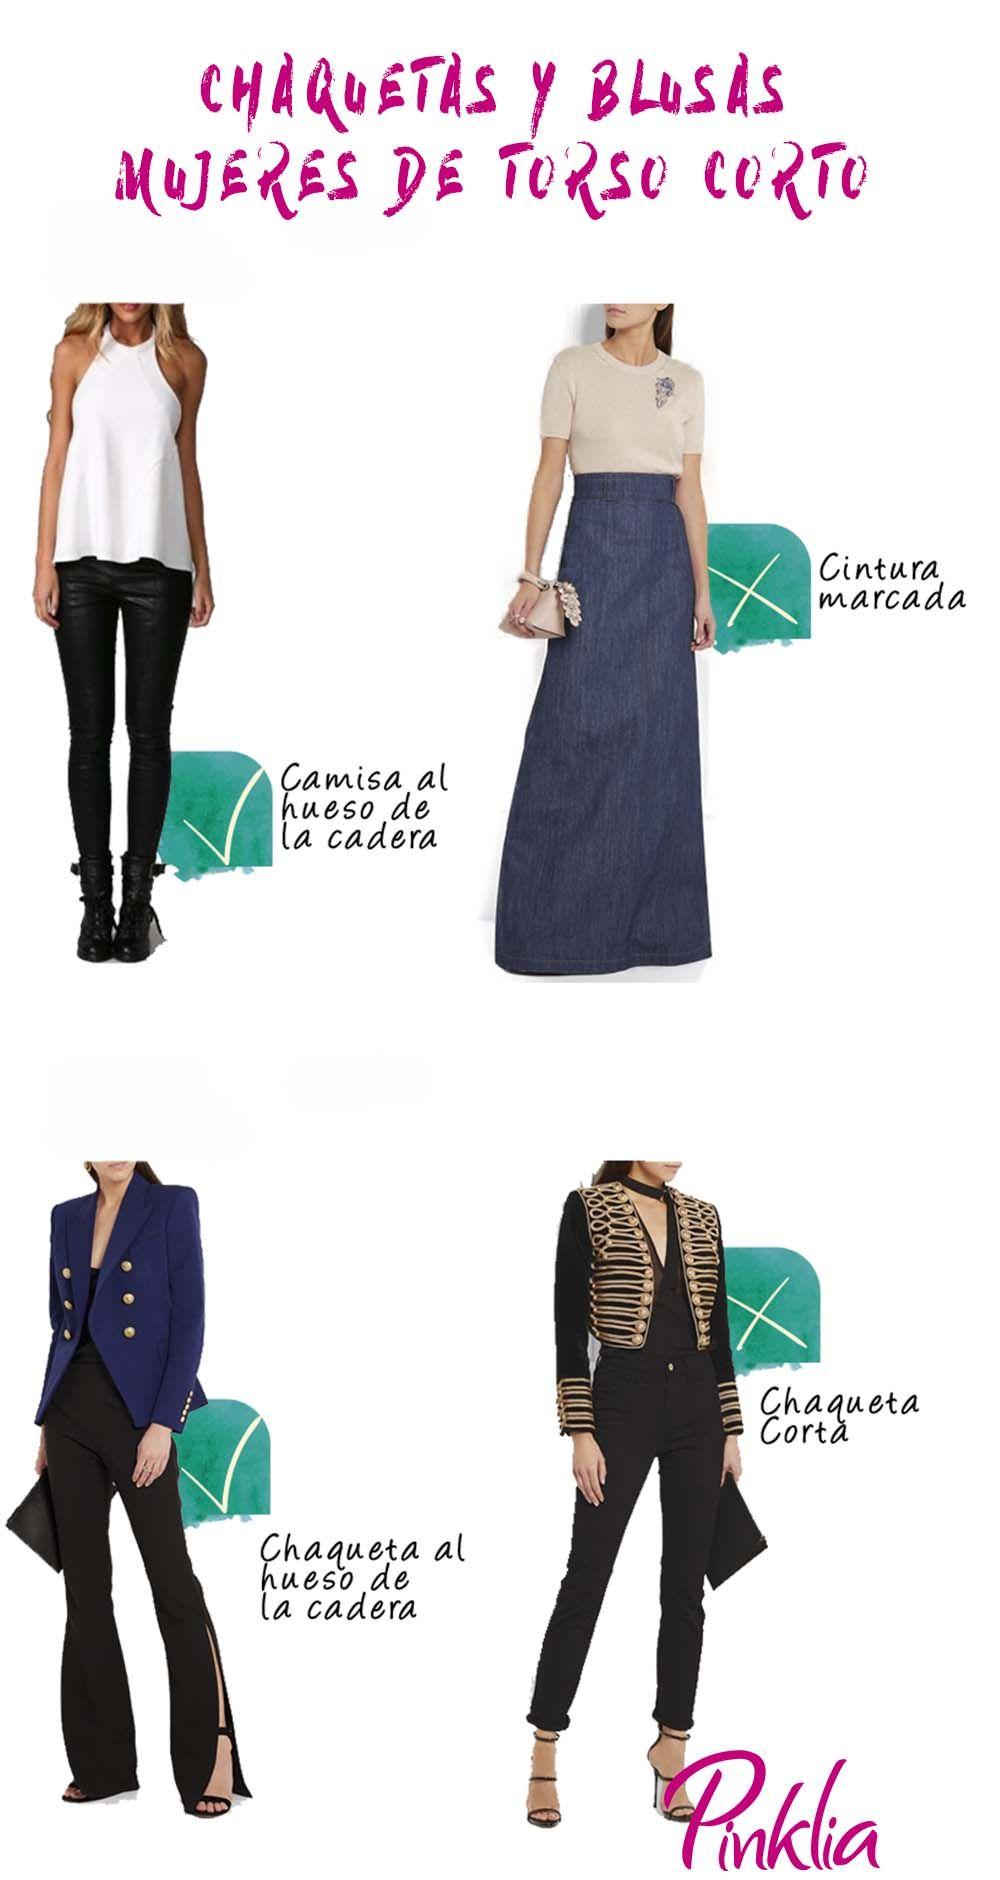 c63e3e3f2 tips para vestir tu cuerpo si tienes el talle corto